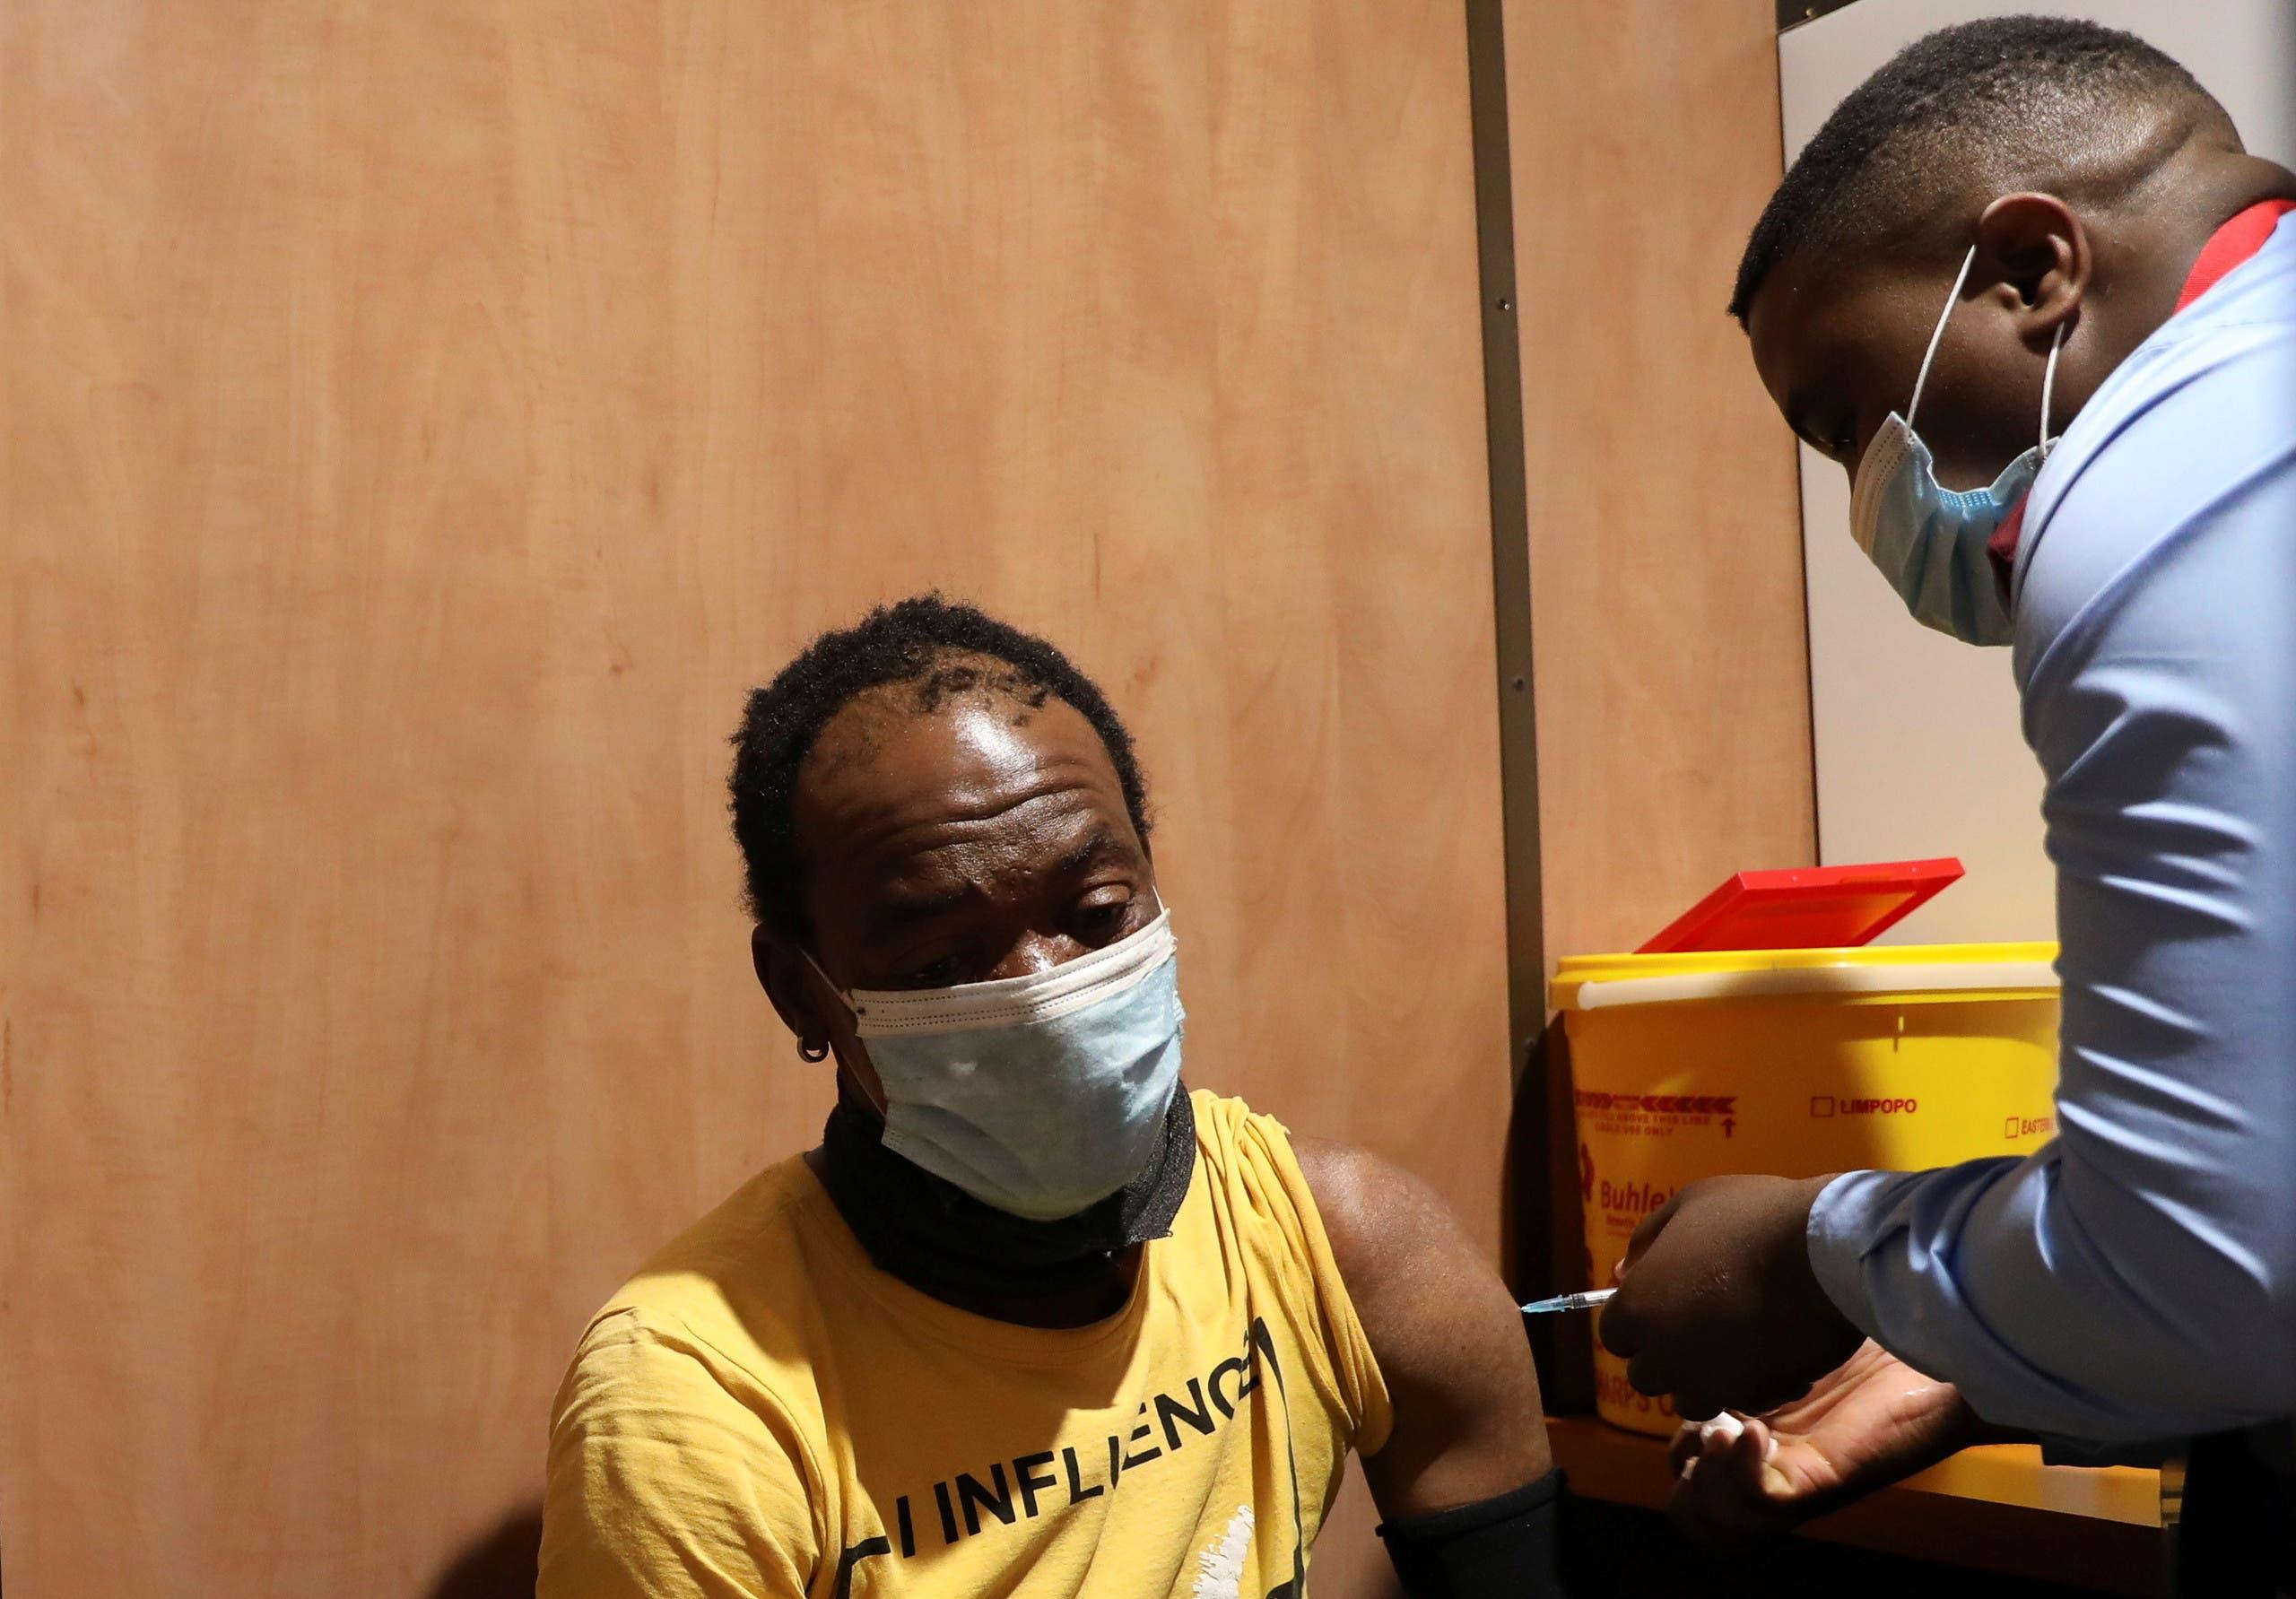 من حملة التطعيم ضد كورونا في إفريقيا الجنوبية